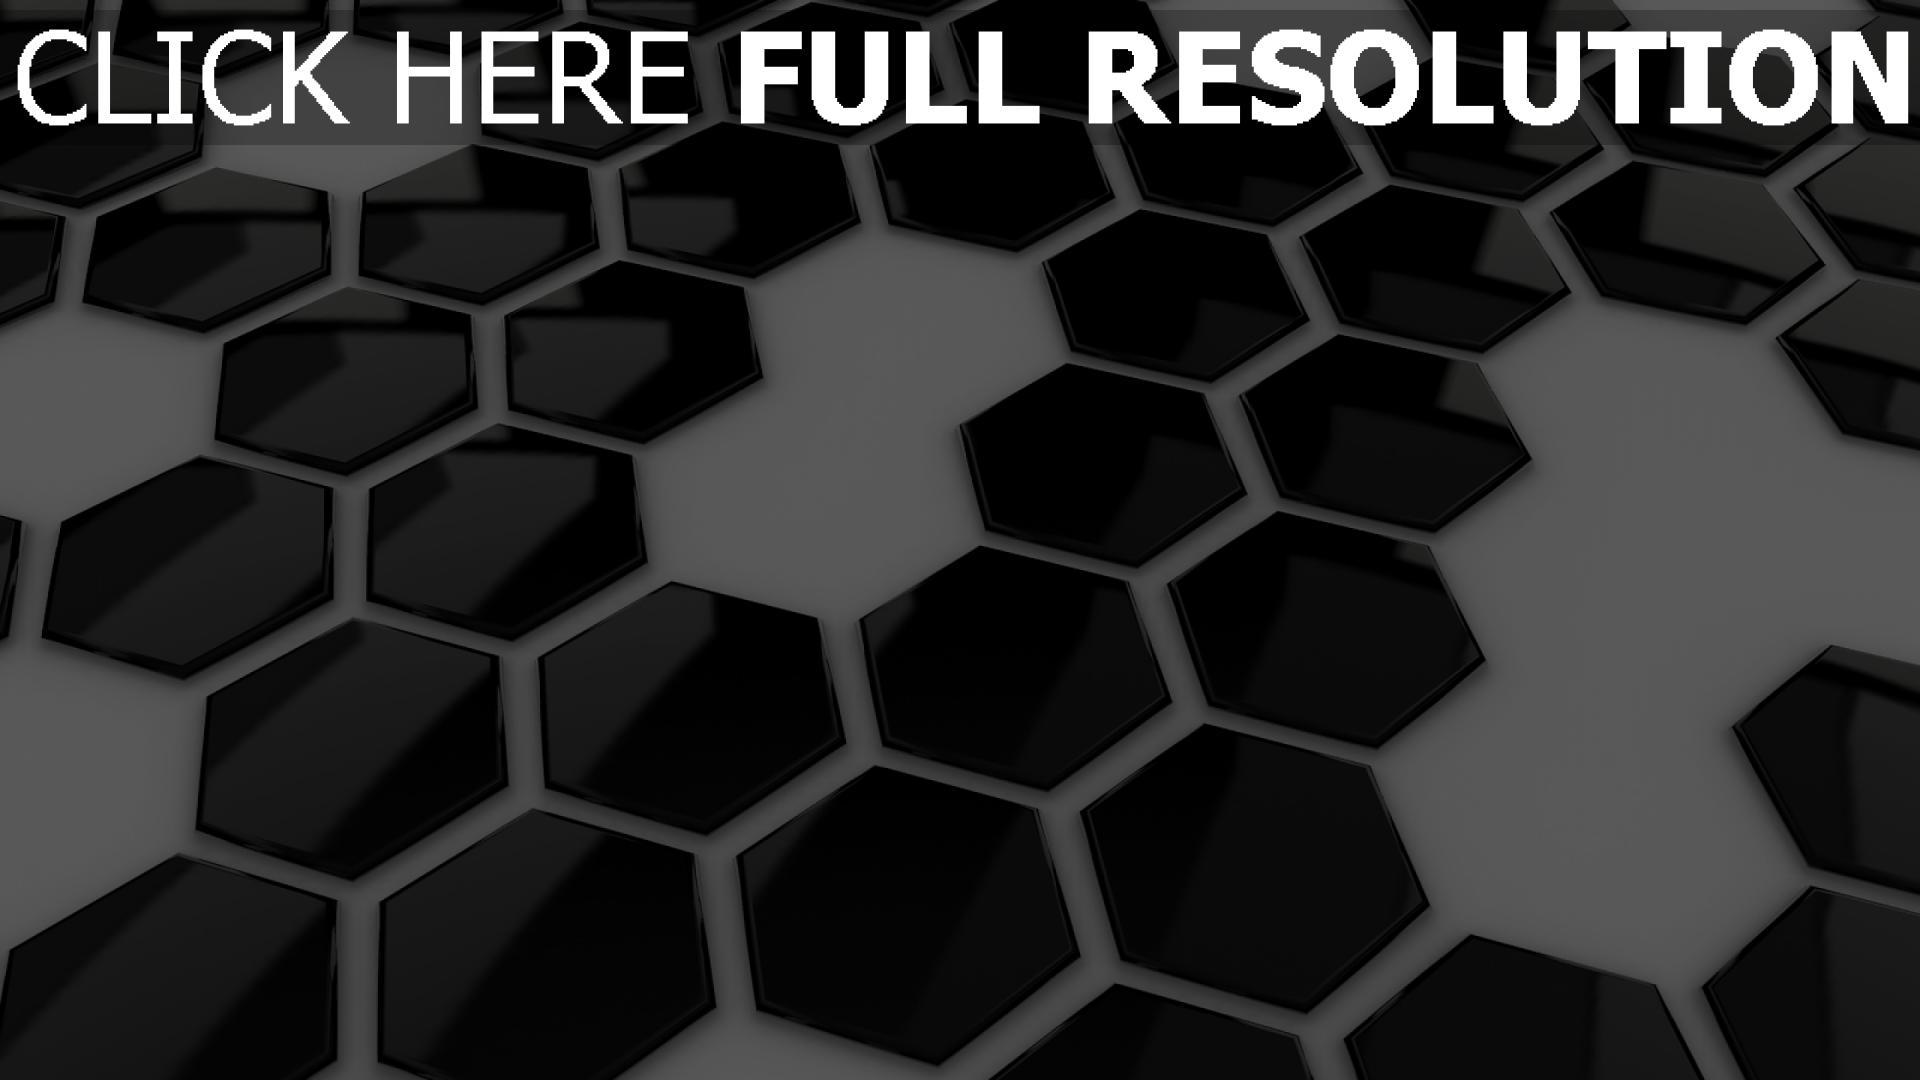 fond d'écran 1920x1080 hexaèdre surface brillante noir et blanc